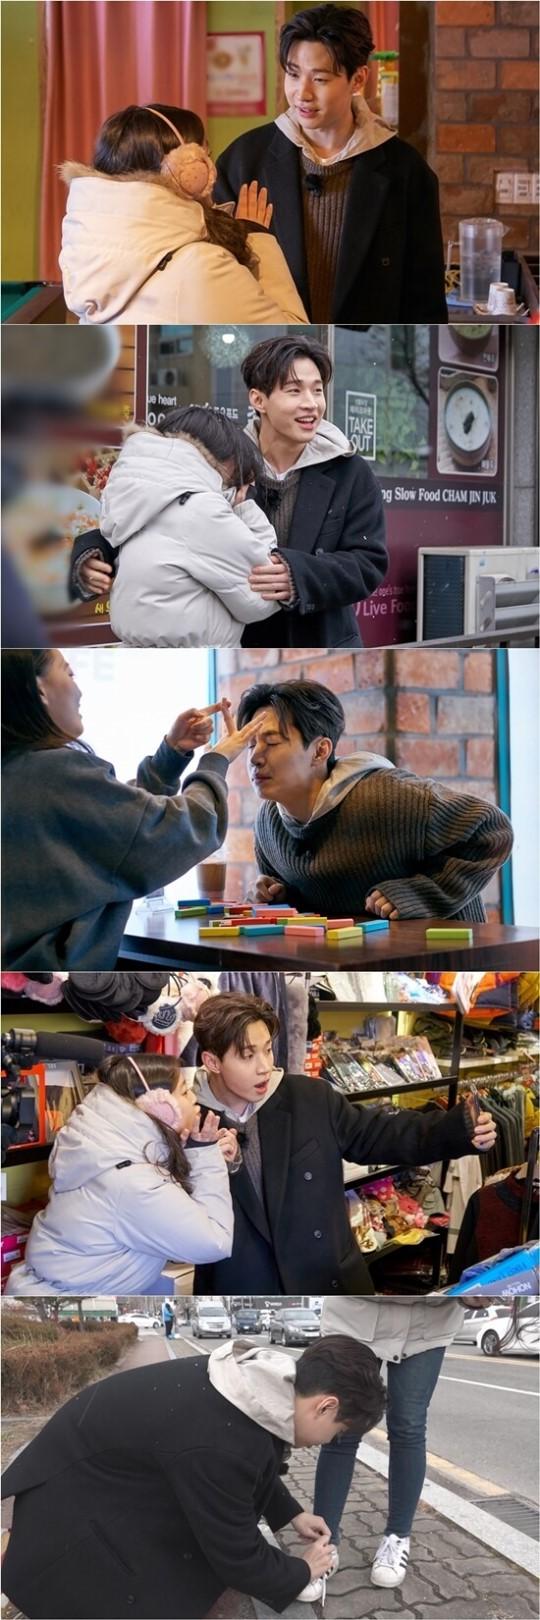 《世所放》公開預告照 Henry詮釋好男友標準,香港交友討論區